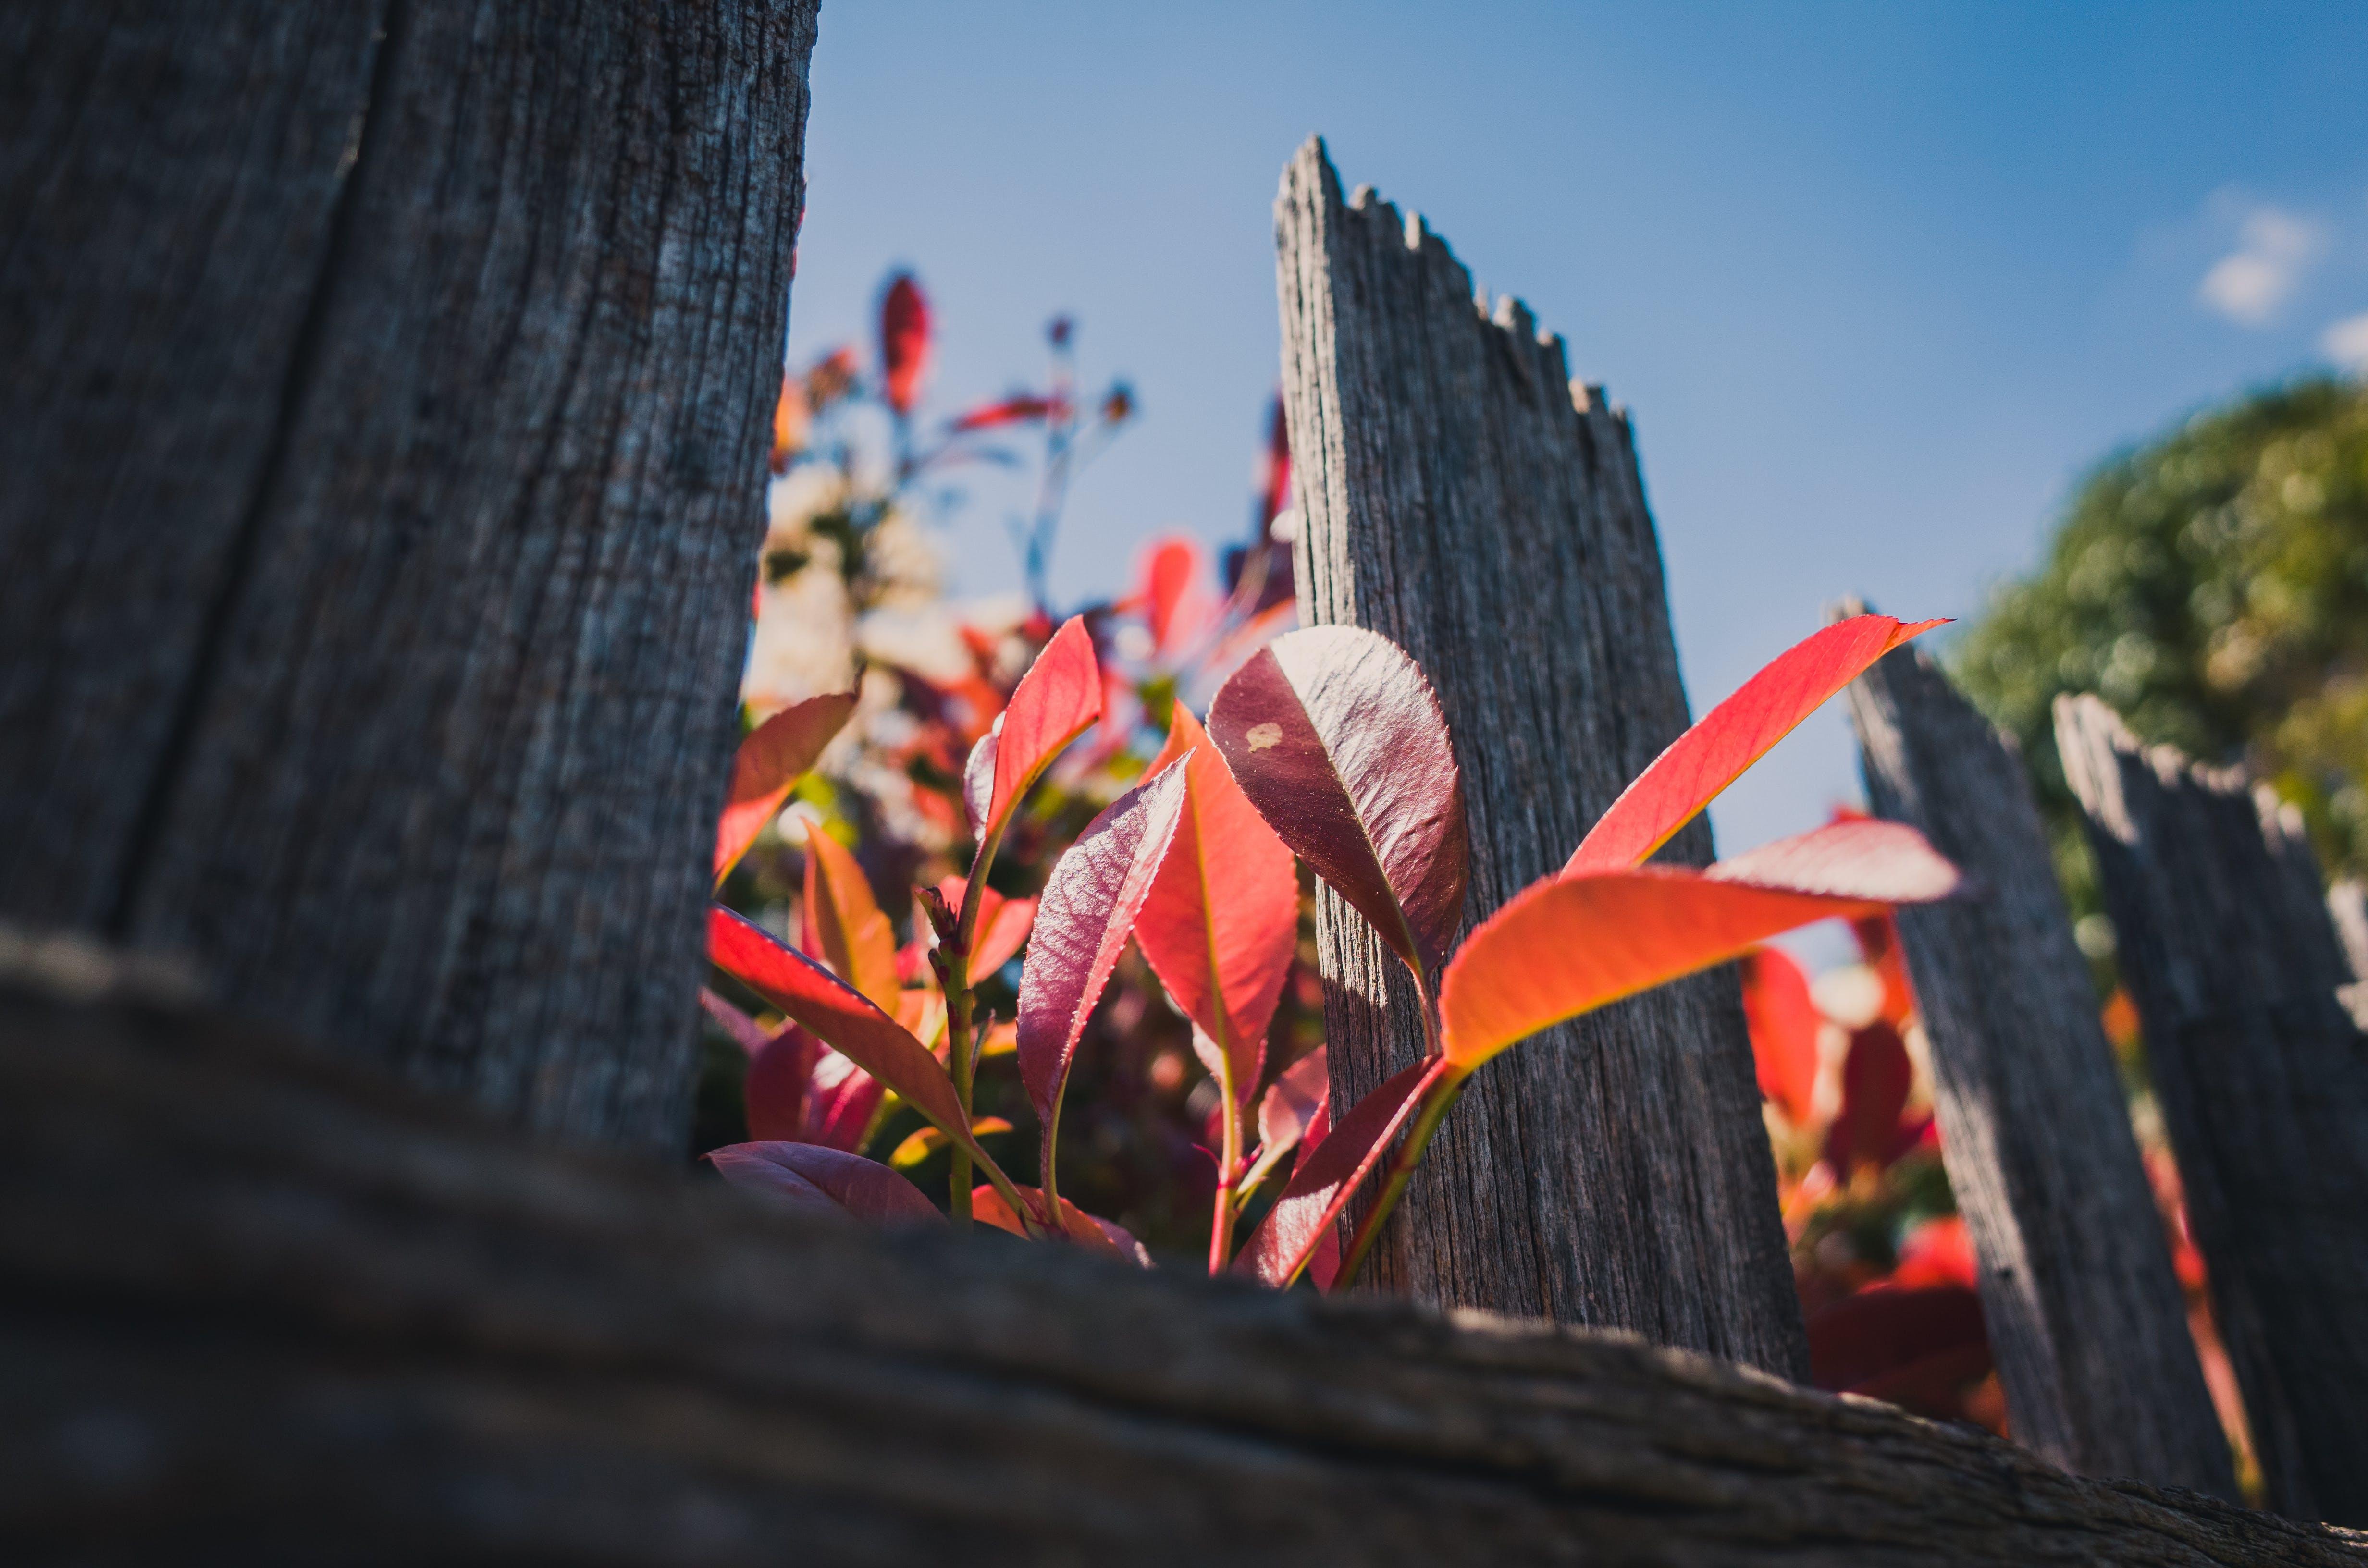 Ảnh lưu trữ miễn phí về ánh sáng ban ngày, hàng rào, hàng rào gỗ, hệ thực vật